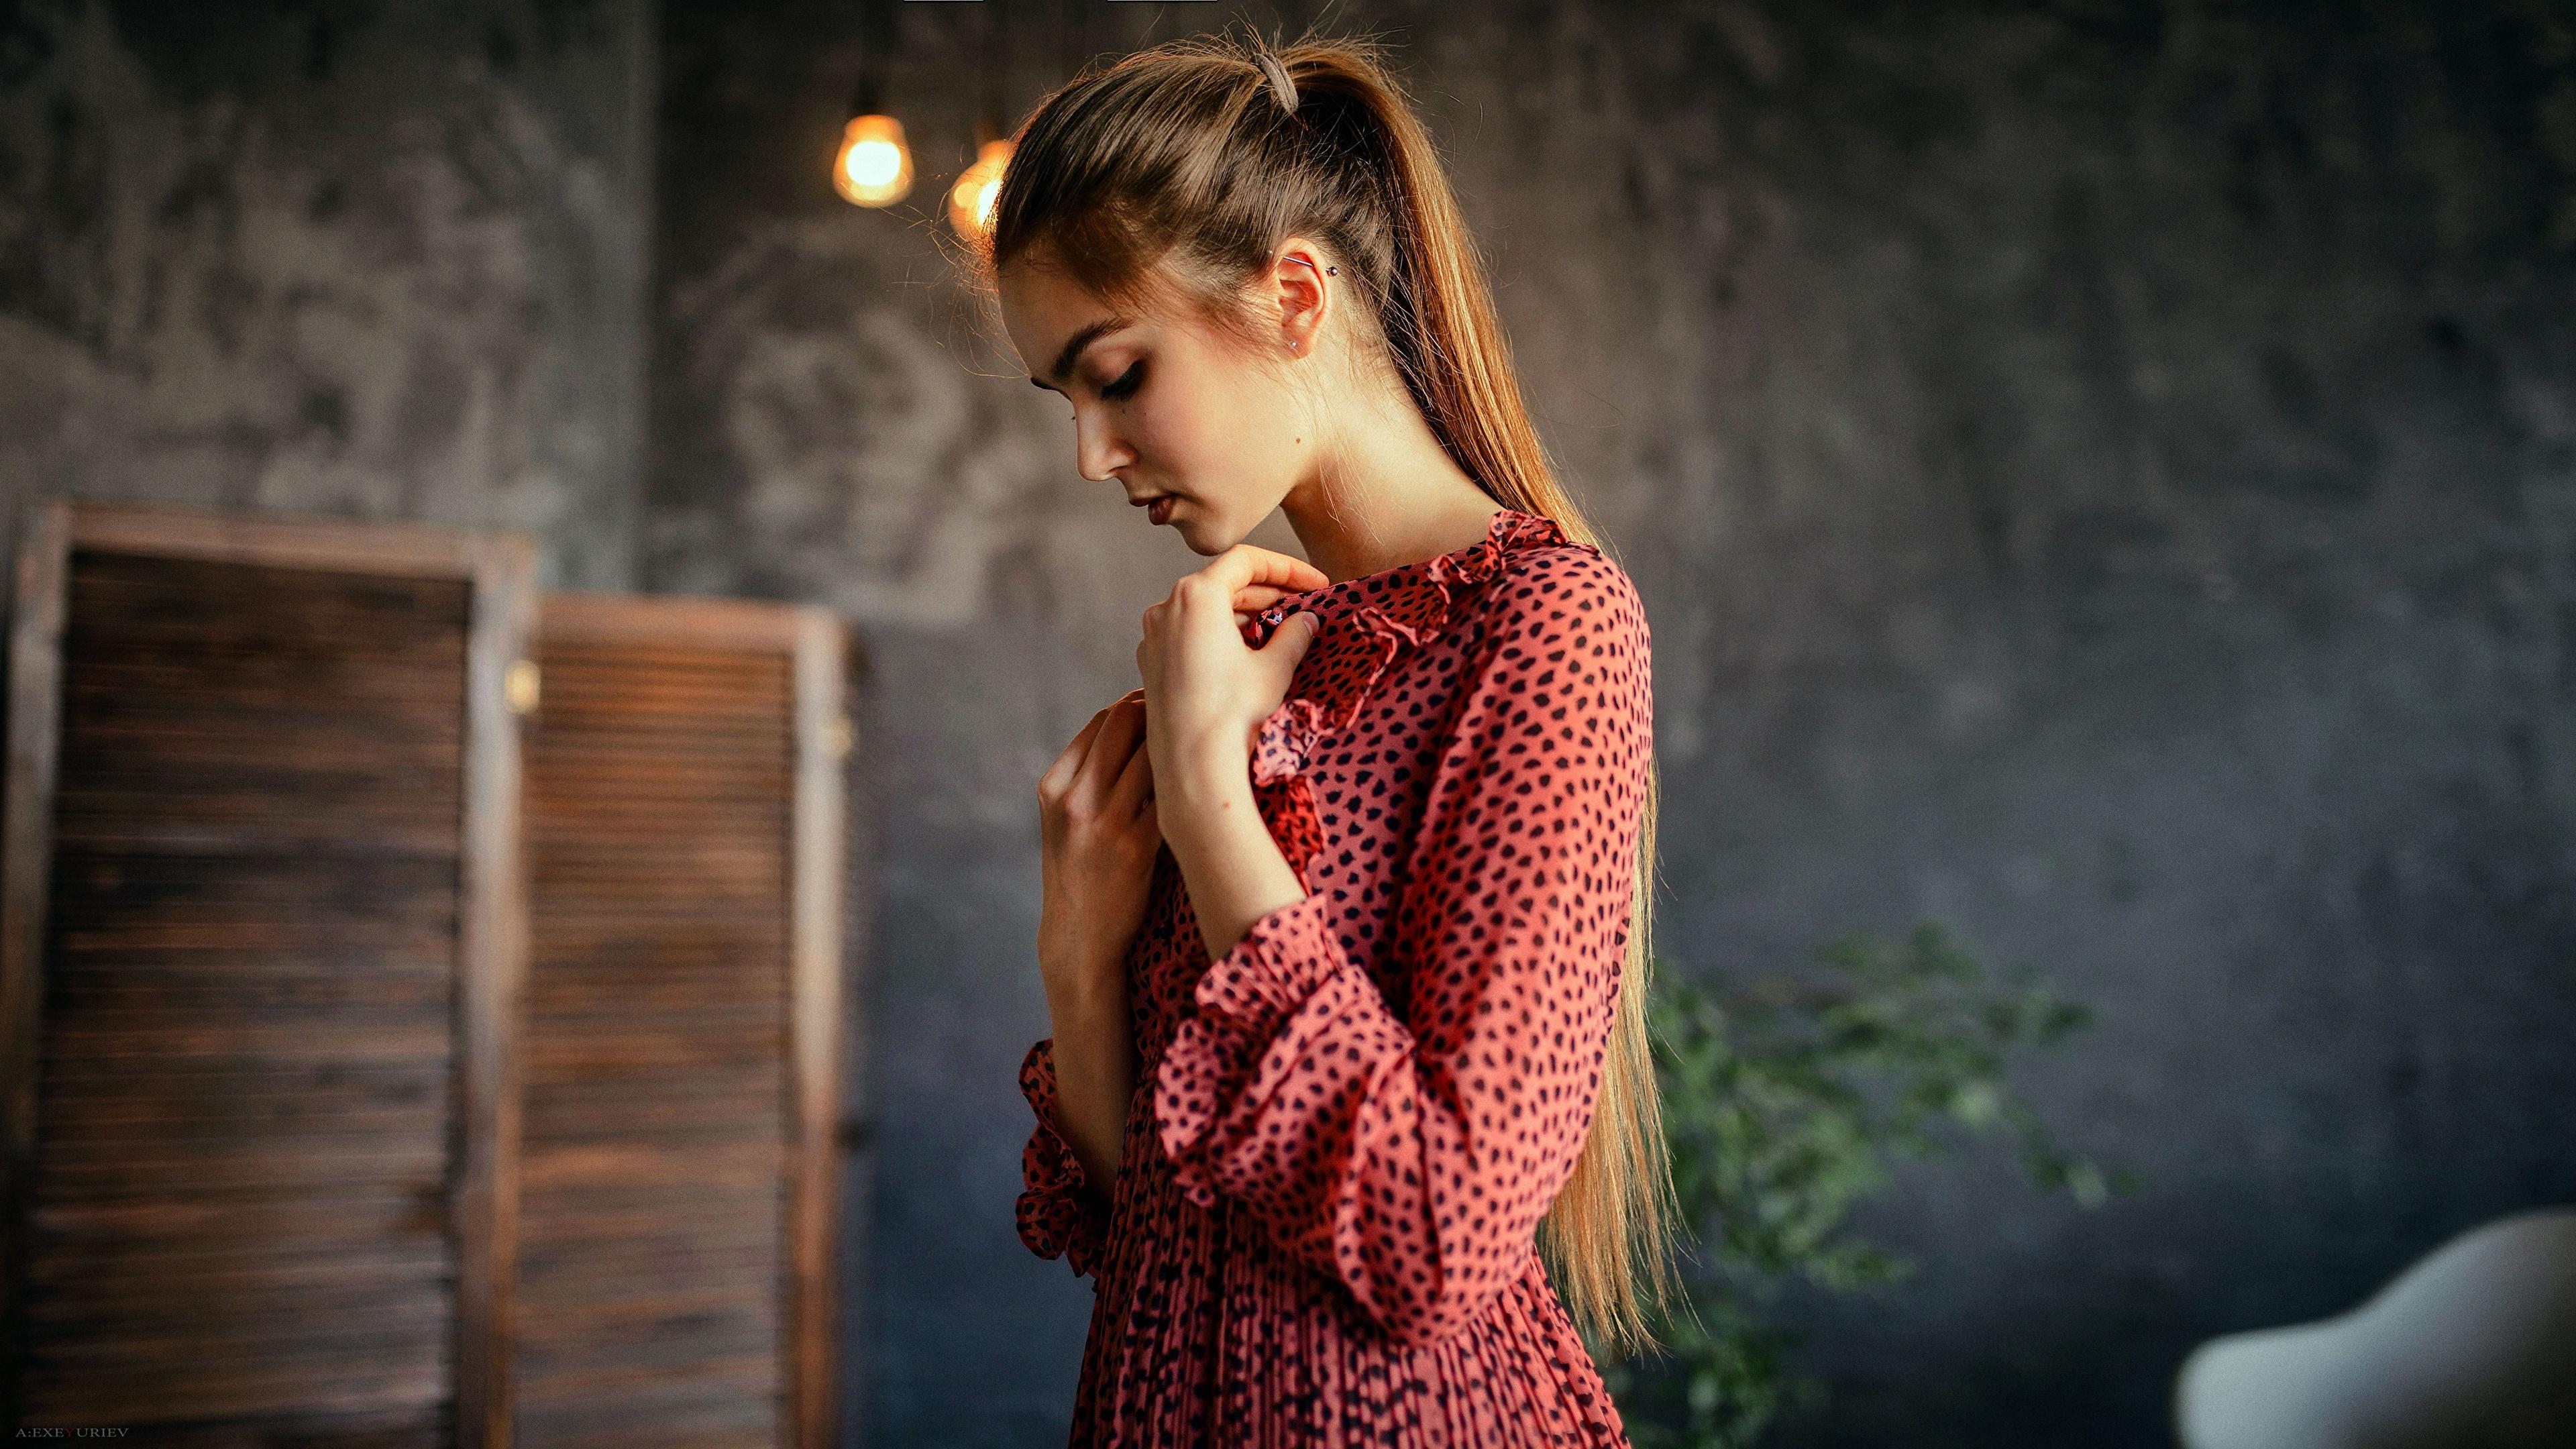 Картинка Шатенка Aleksei Iurev молодая женщина рука Платье 3840x2160 шатенки девушка Девушки молодые женщины Руки платья